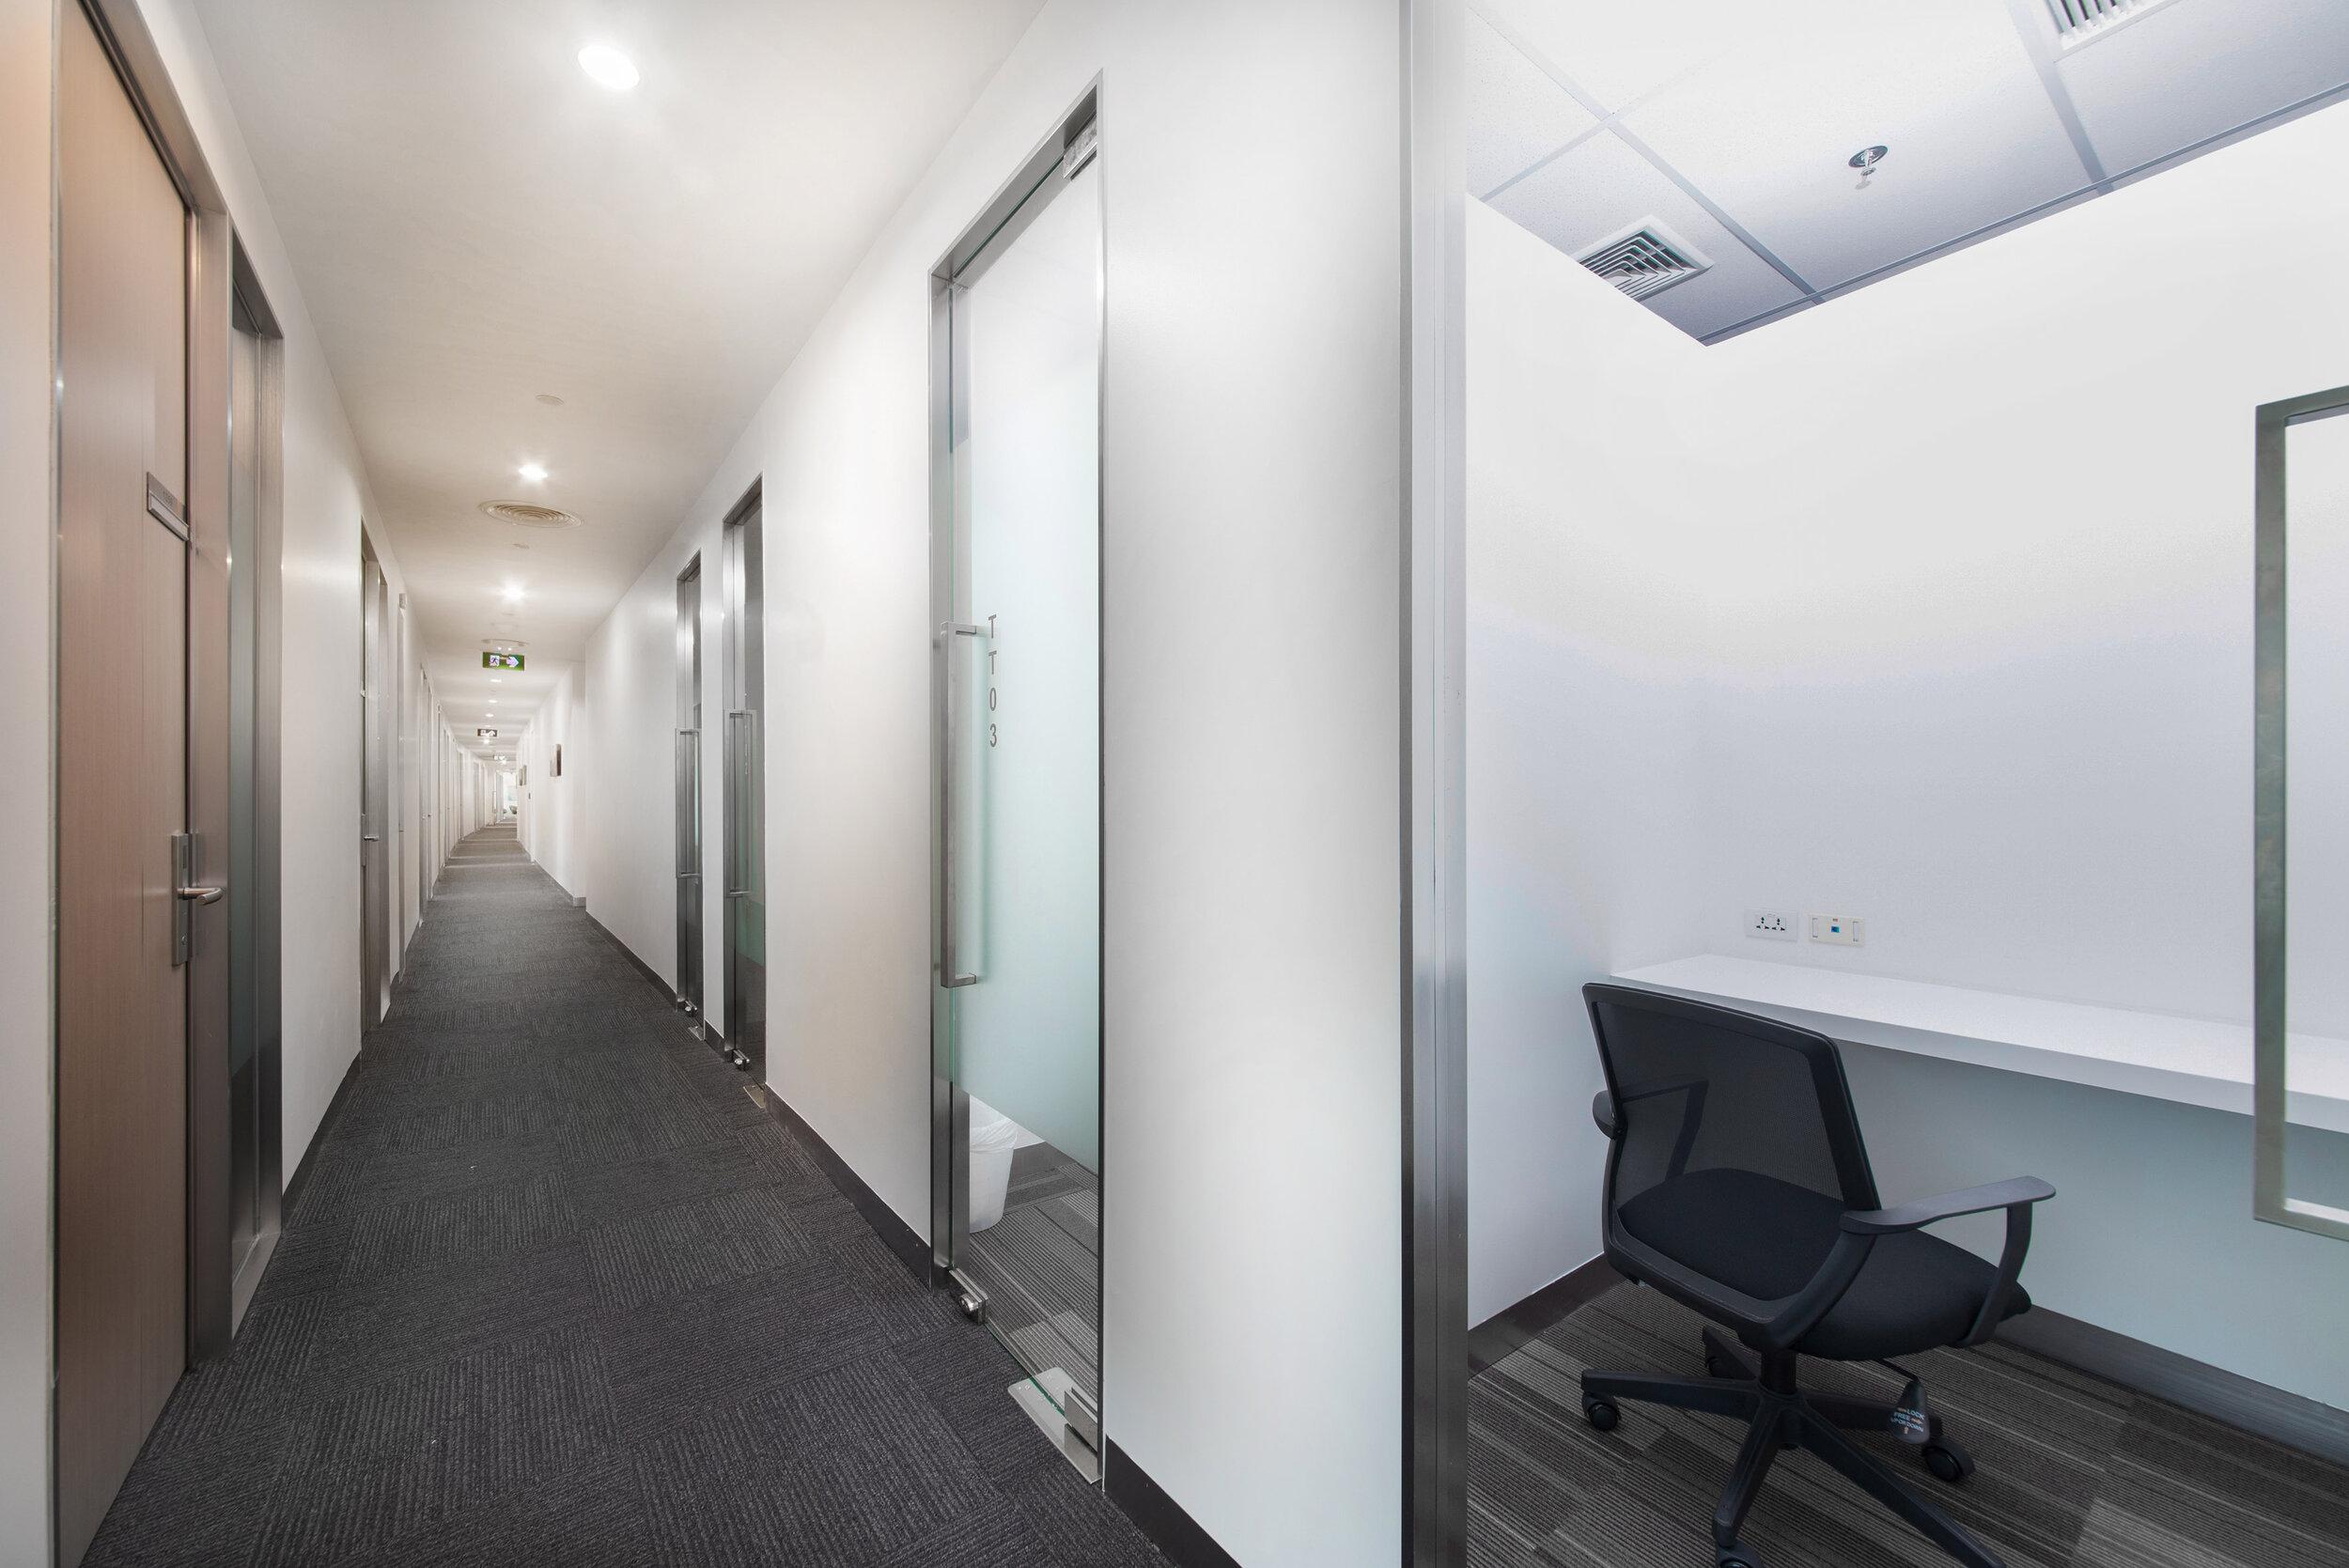 Interior-51.jpg